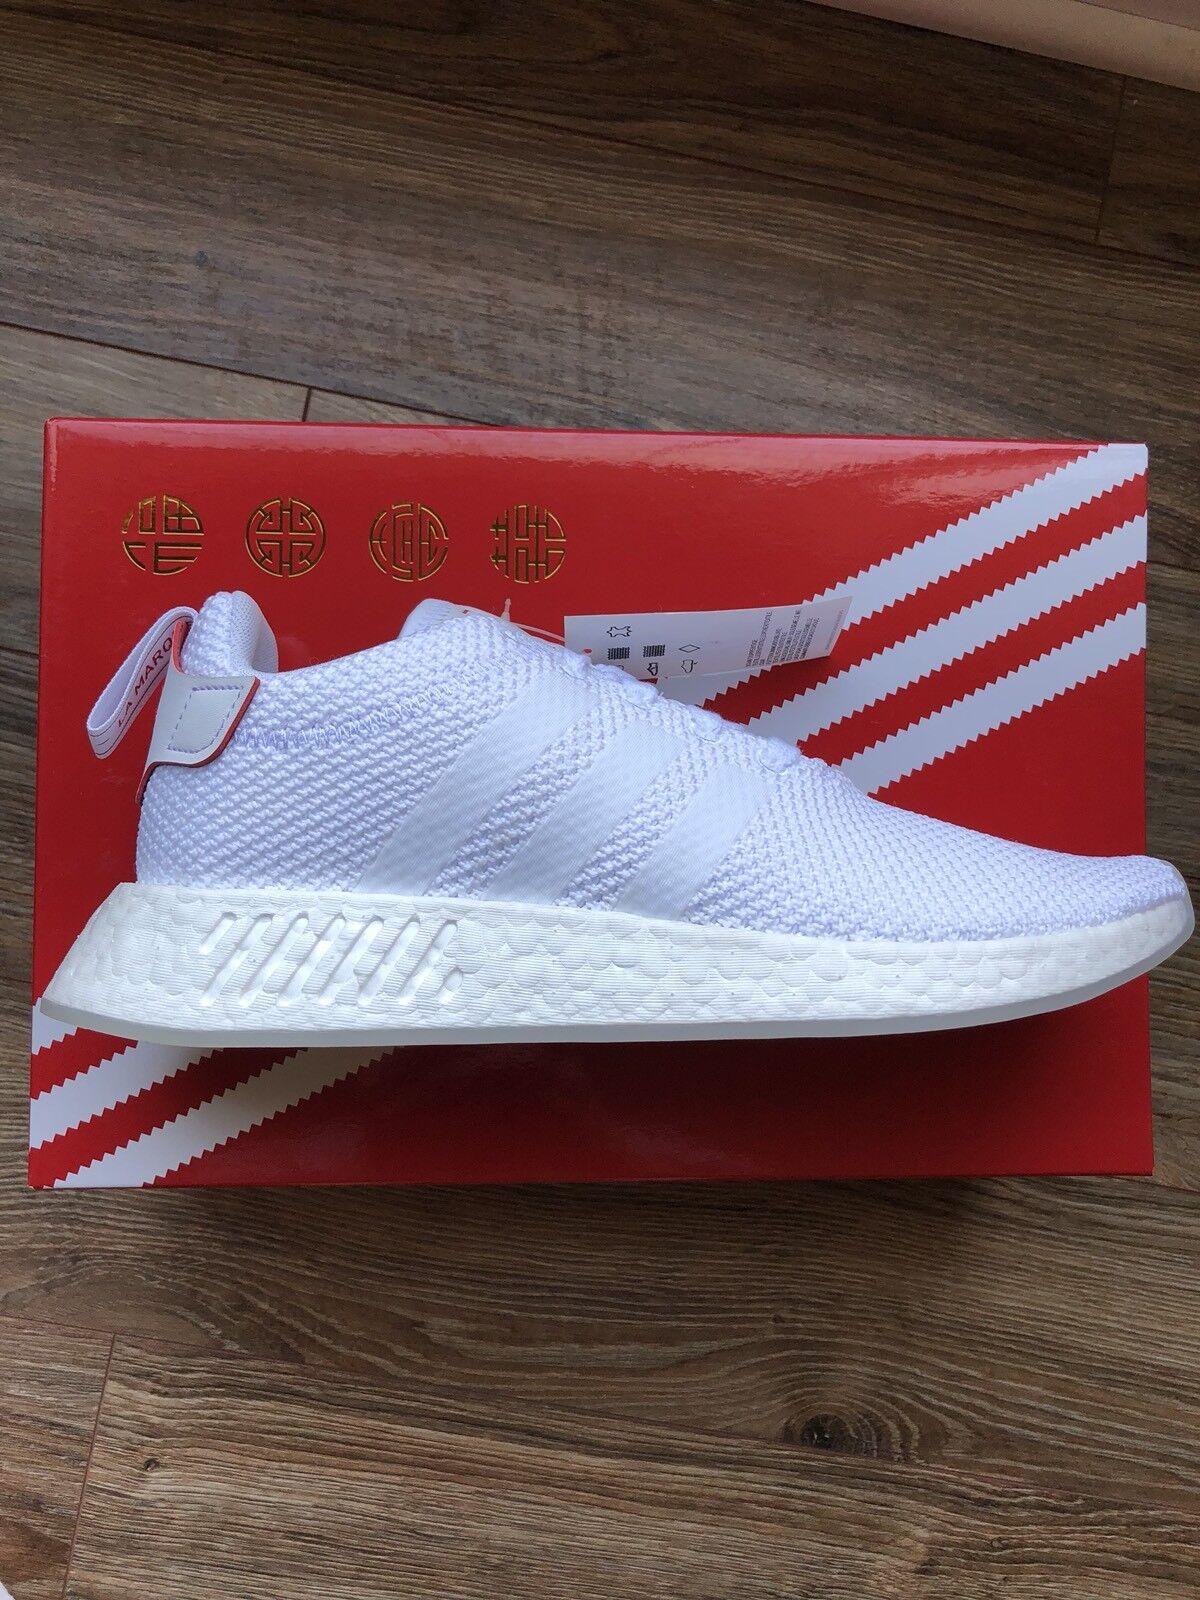 Db2570 pennino adidas ds nmd r2 cny il scarpe capodanno cinese impulso in scarpe il da ginnastica 13 r1 6446e1